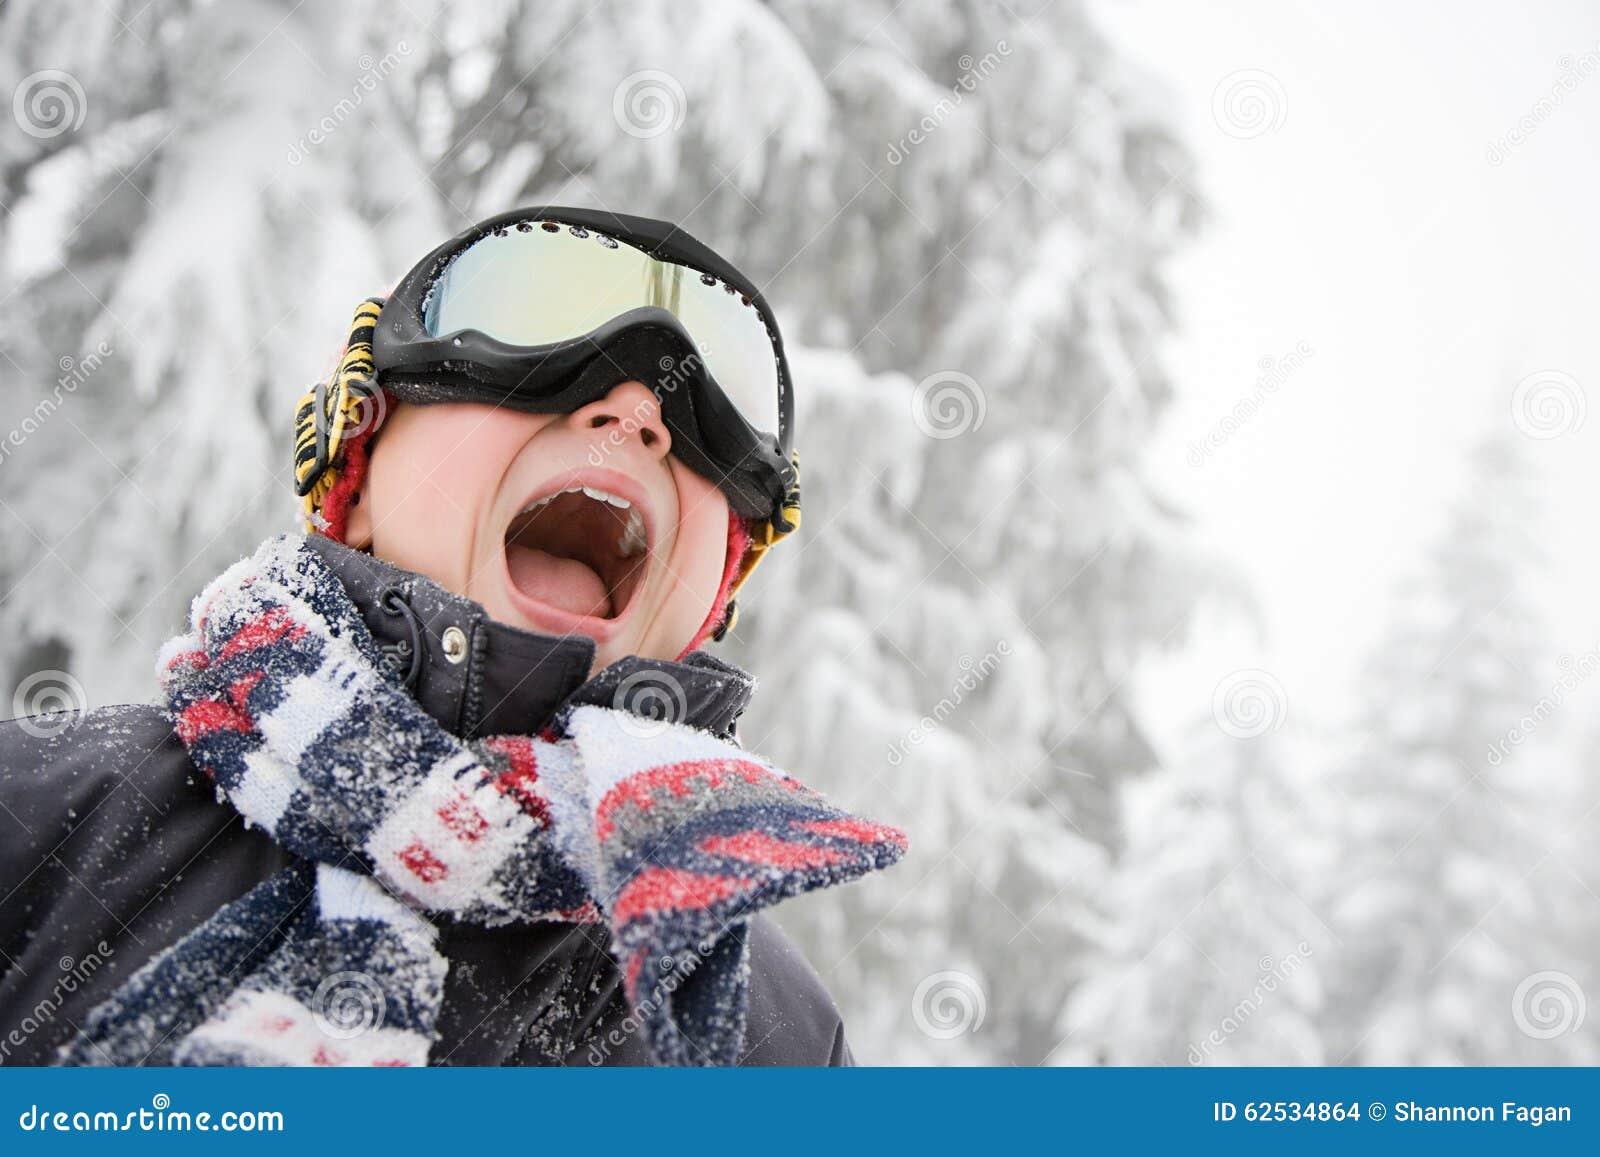 男孩风镜滑雪